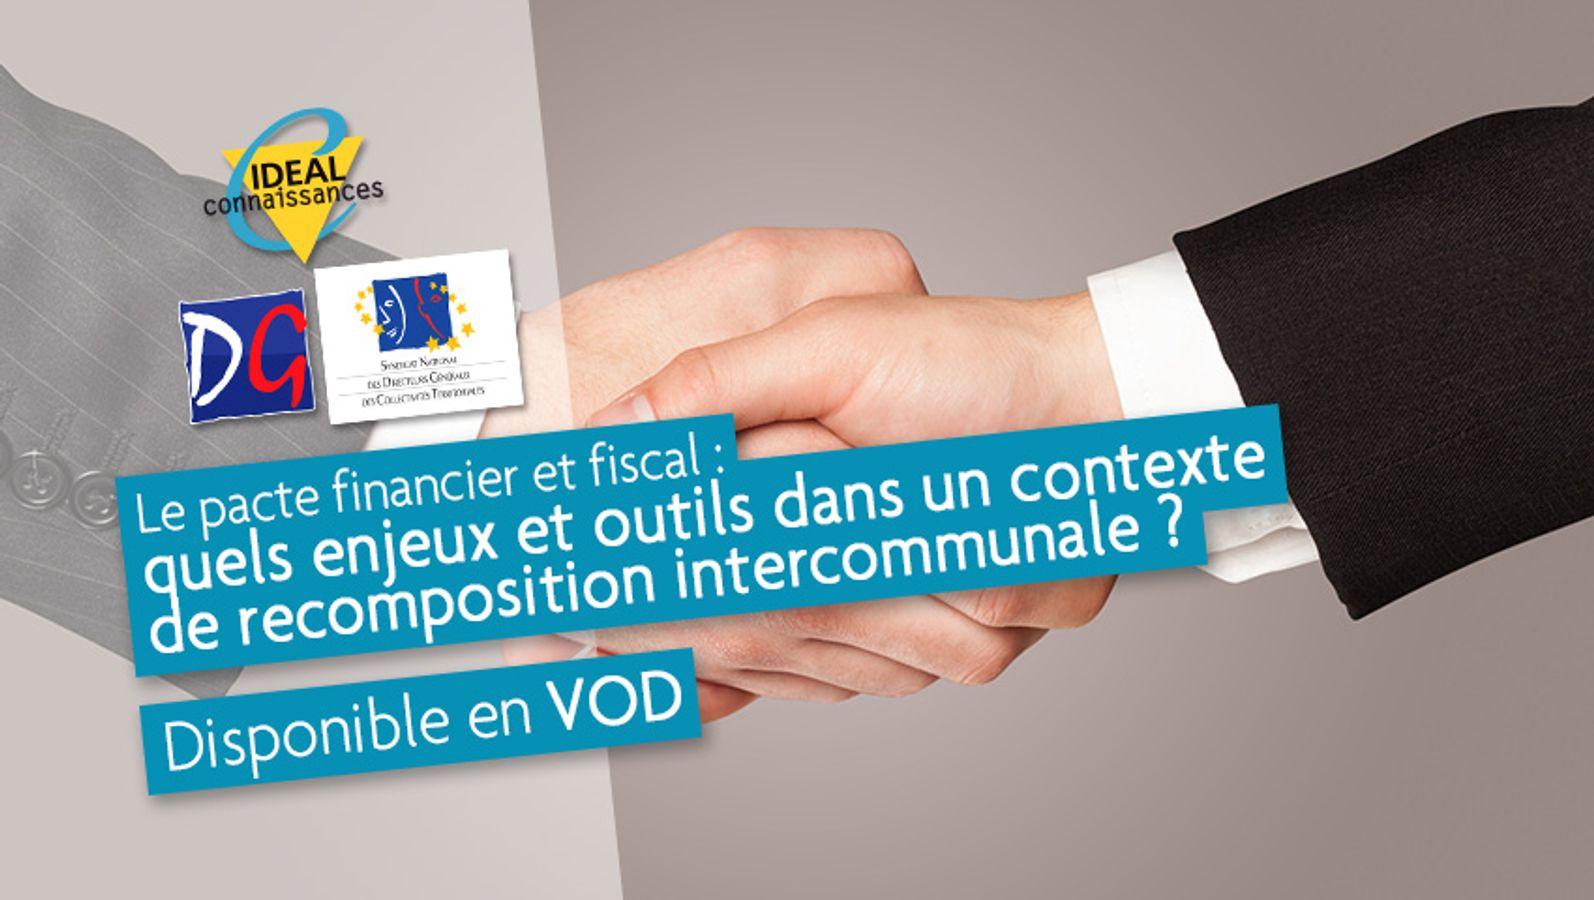 Le pacte financier et fiscal : quels enjeux et outils dans un contexte de recomposition intercommunale ?